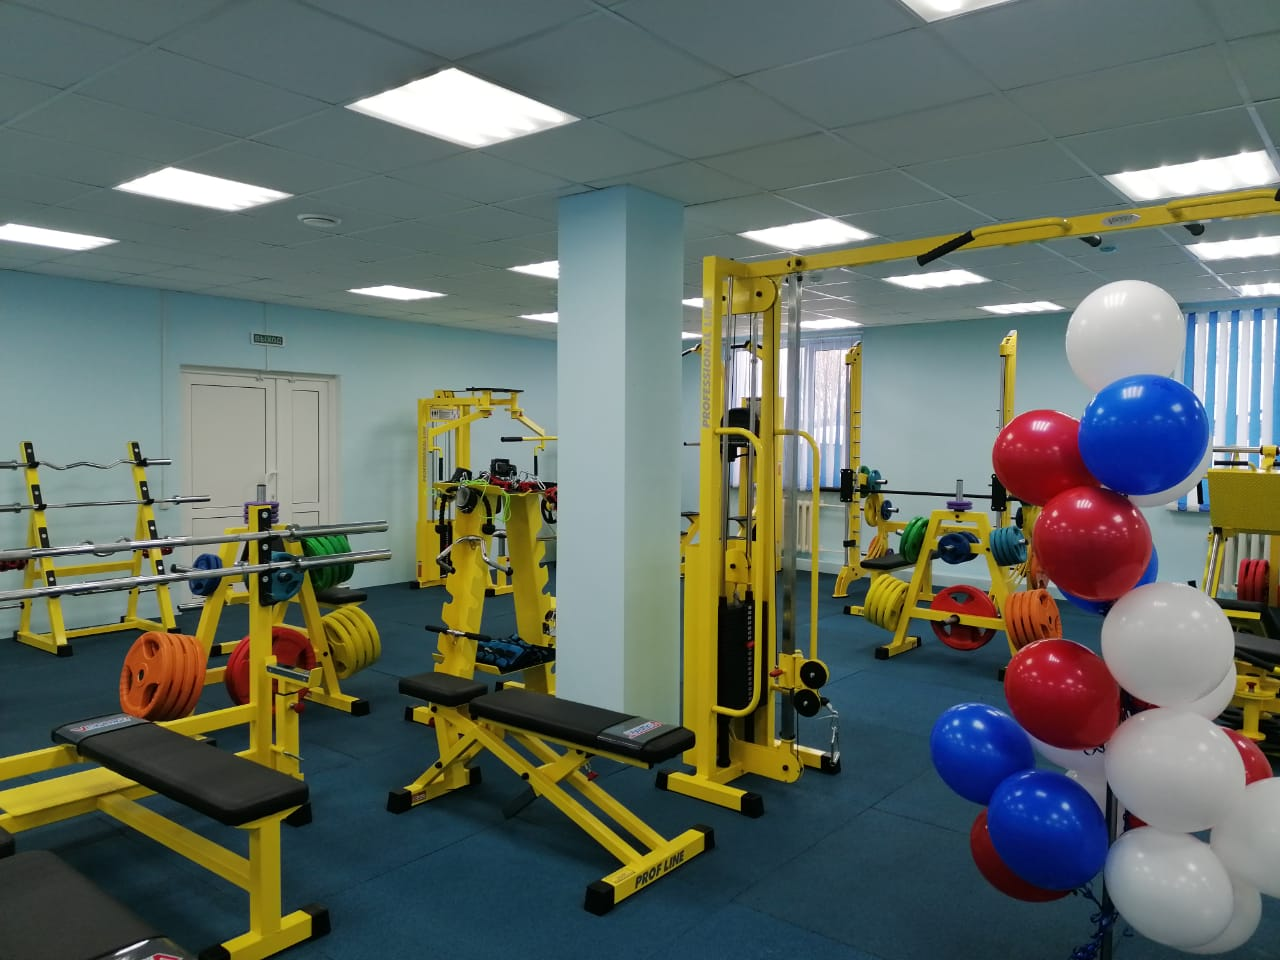 Фитнес-клуб «Железка» распахнул свои двери